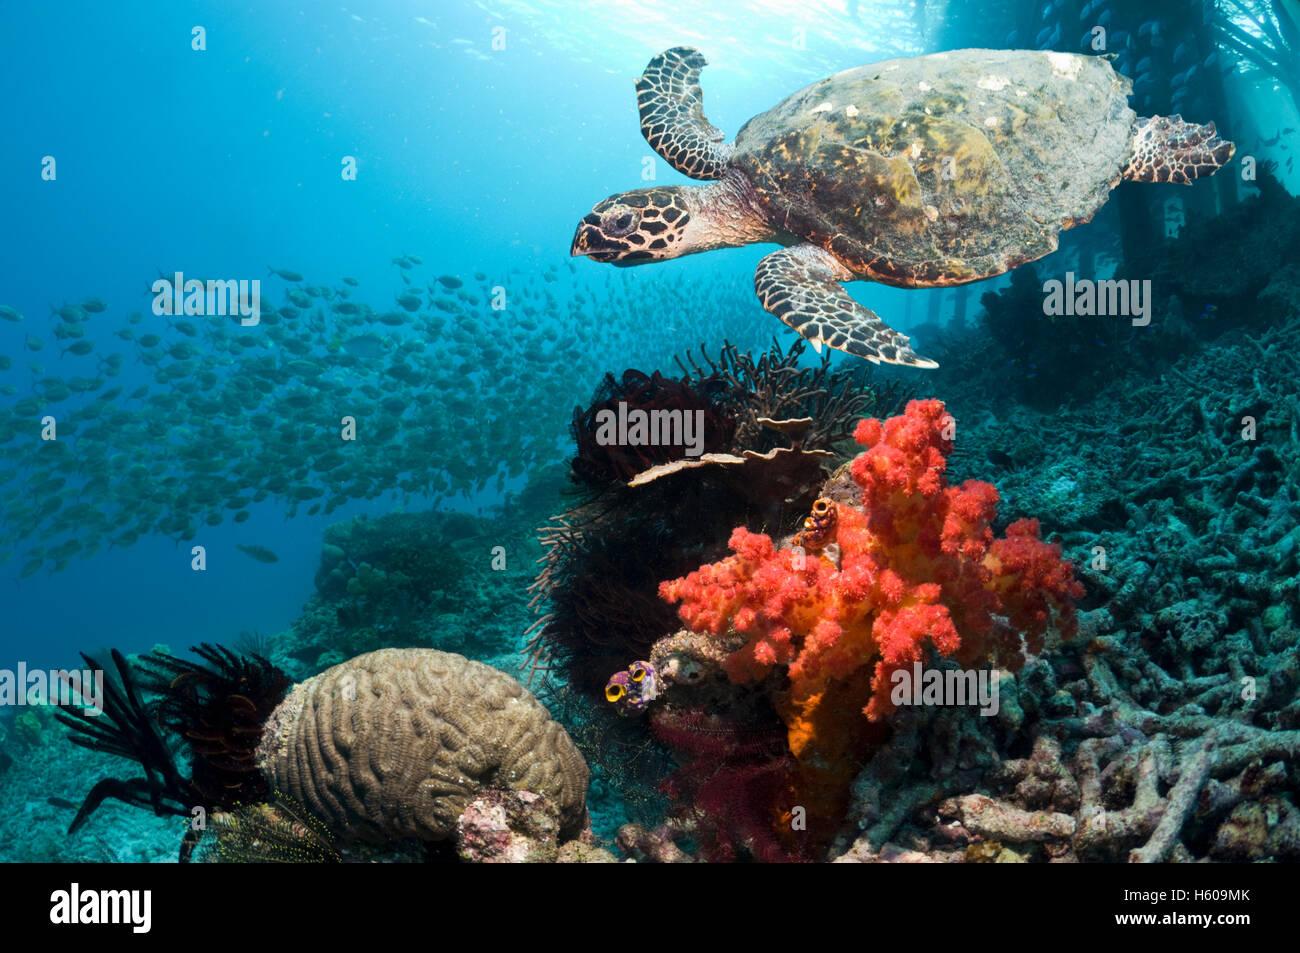 La tortue imbriquée (Eretmochelys imbricata) natation sur coral reef avec corail mou. Misool, Papouasie occidentale, Raja Ampat, en Indonésie. Banque D'Images